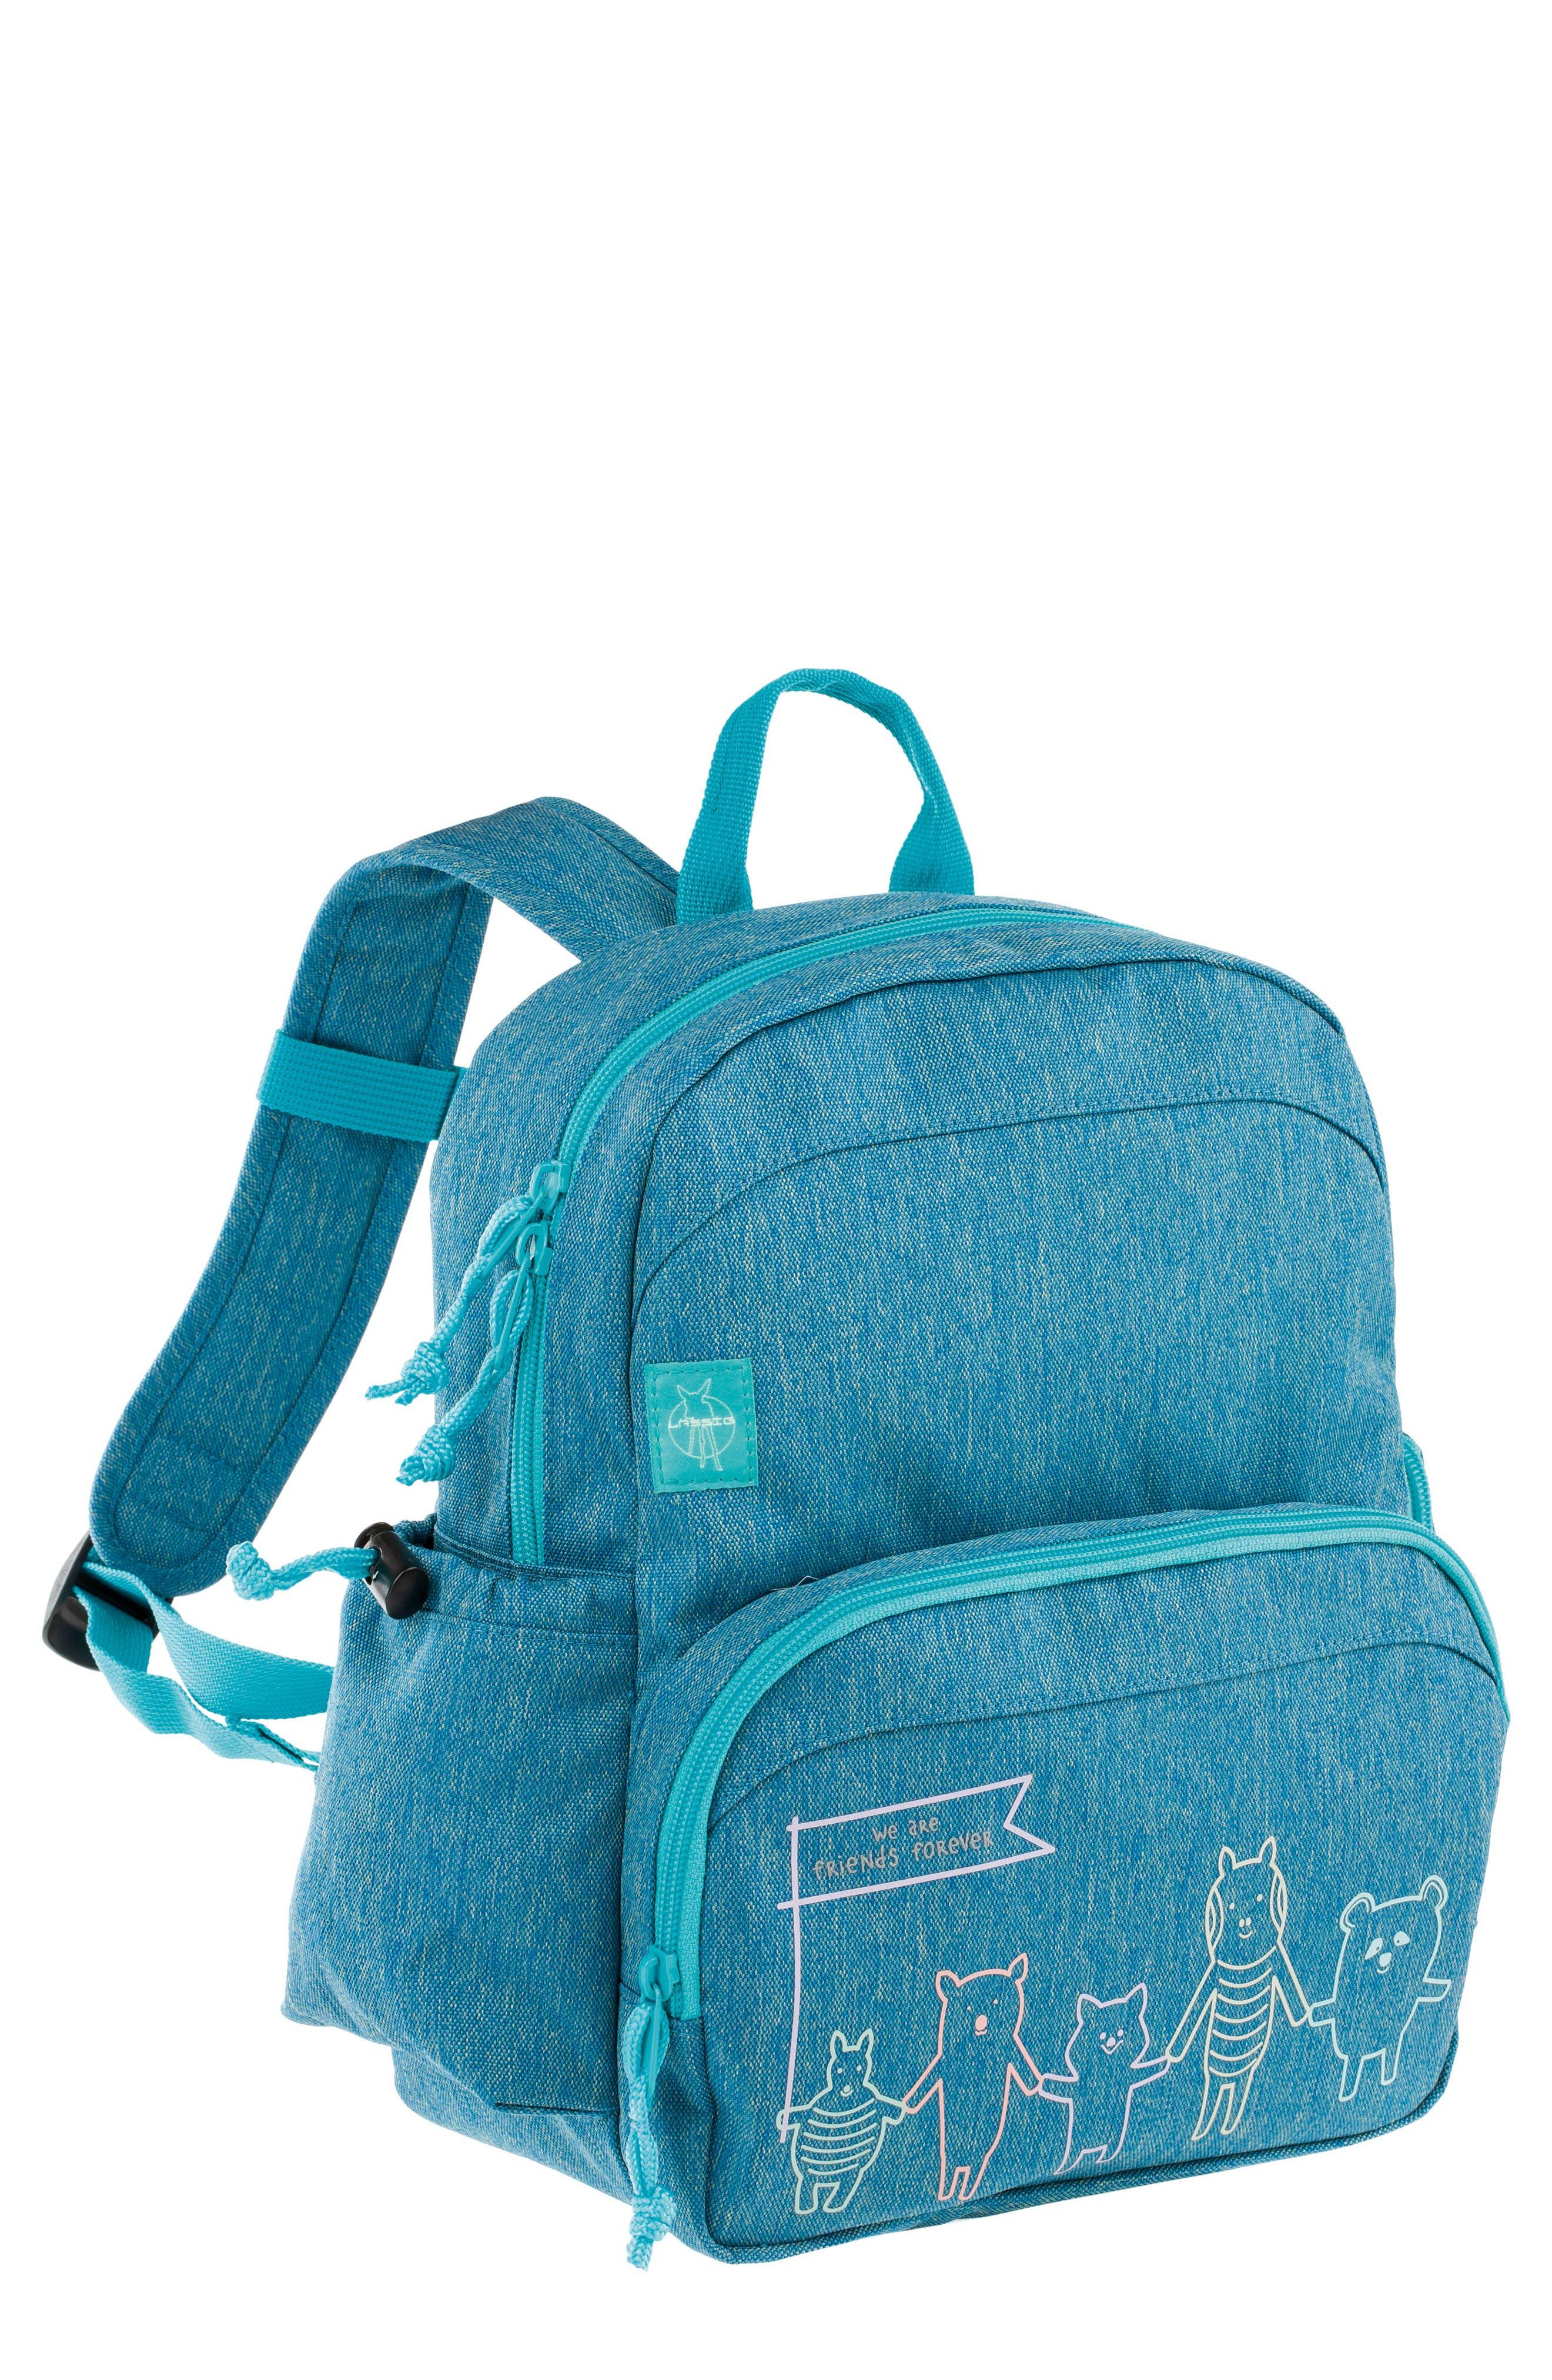 Medium About Friends Backpack,                         Main,                         color, Melange Blue